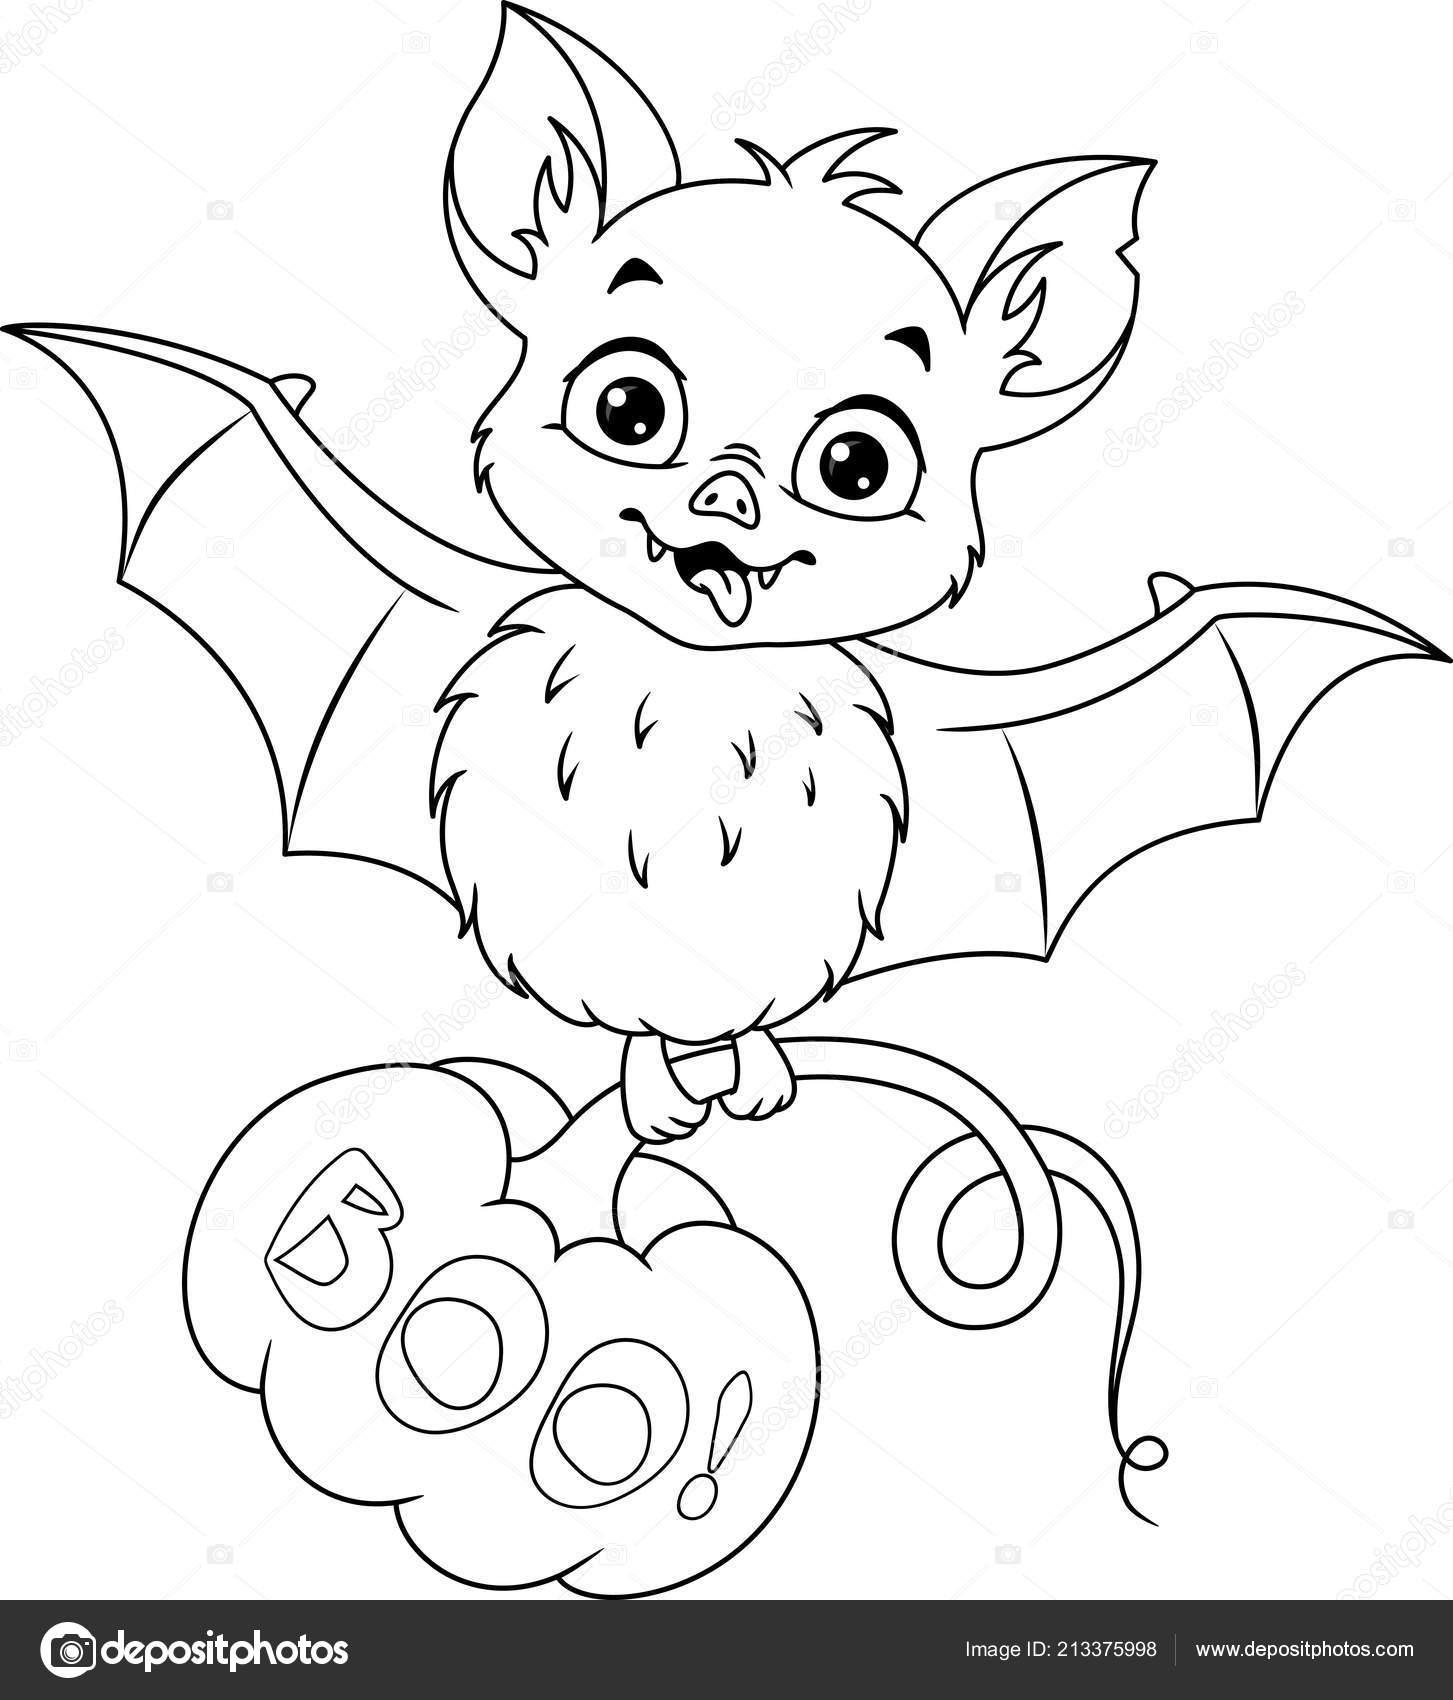 Kleurplaten Halloween Pompoen Vleermuis.Vleermuis Met Pompoen Voor Halloween Kleurplaat Pagina Stockvector